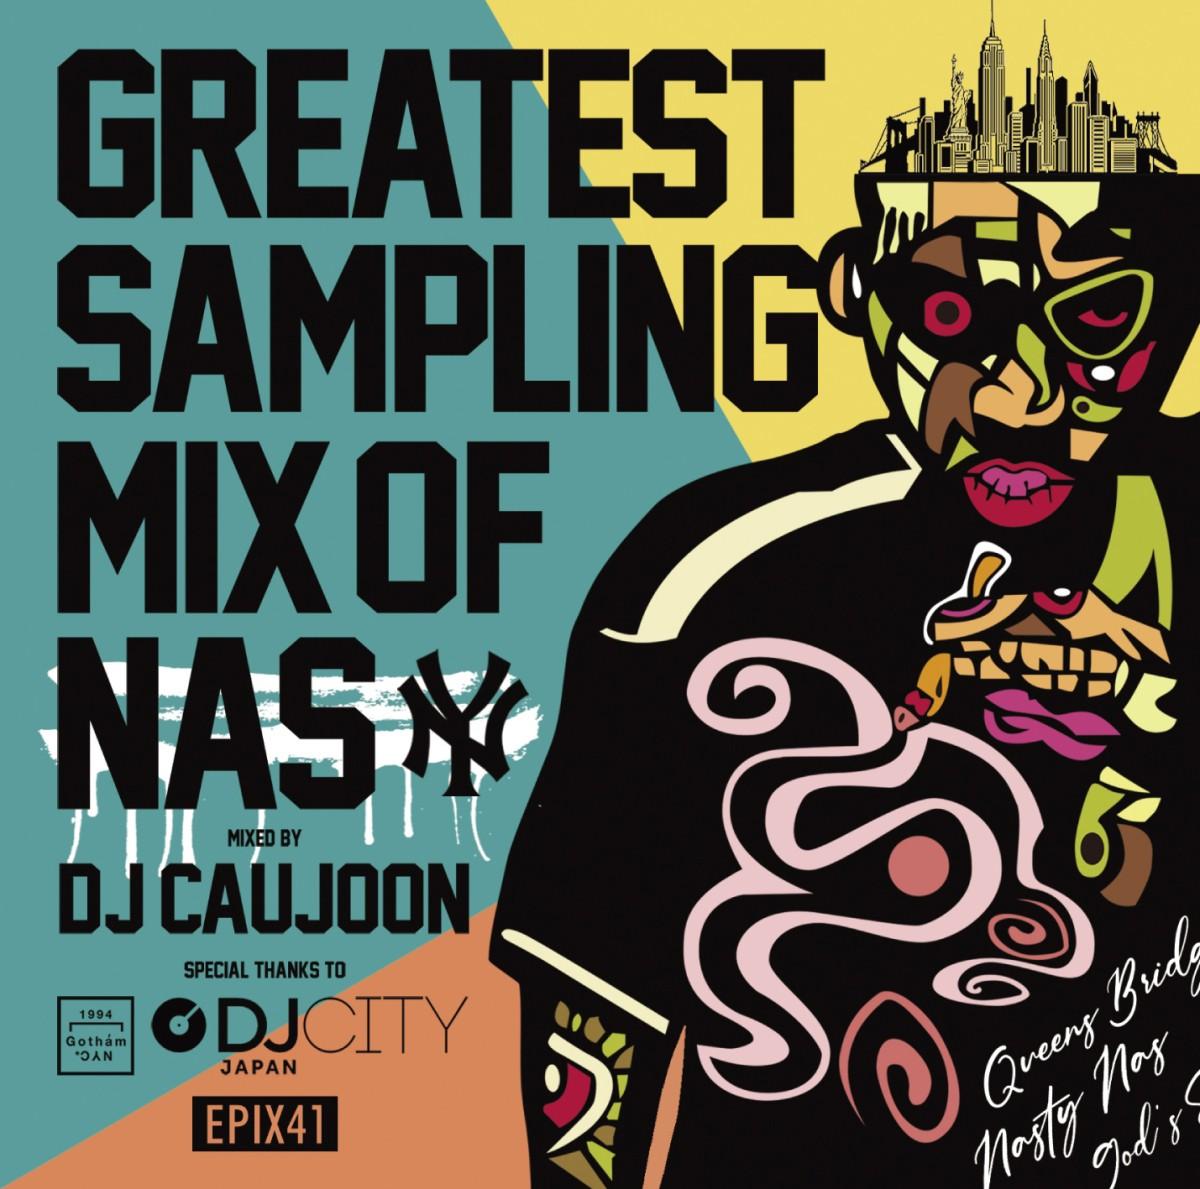 サンプリング ネタ ソウル ファンク ナズ DJコージュン Epix 41 -Greatest Sampling Mix Of Nas- / DJ Caujoon